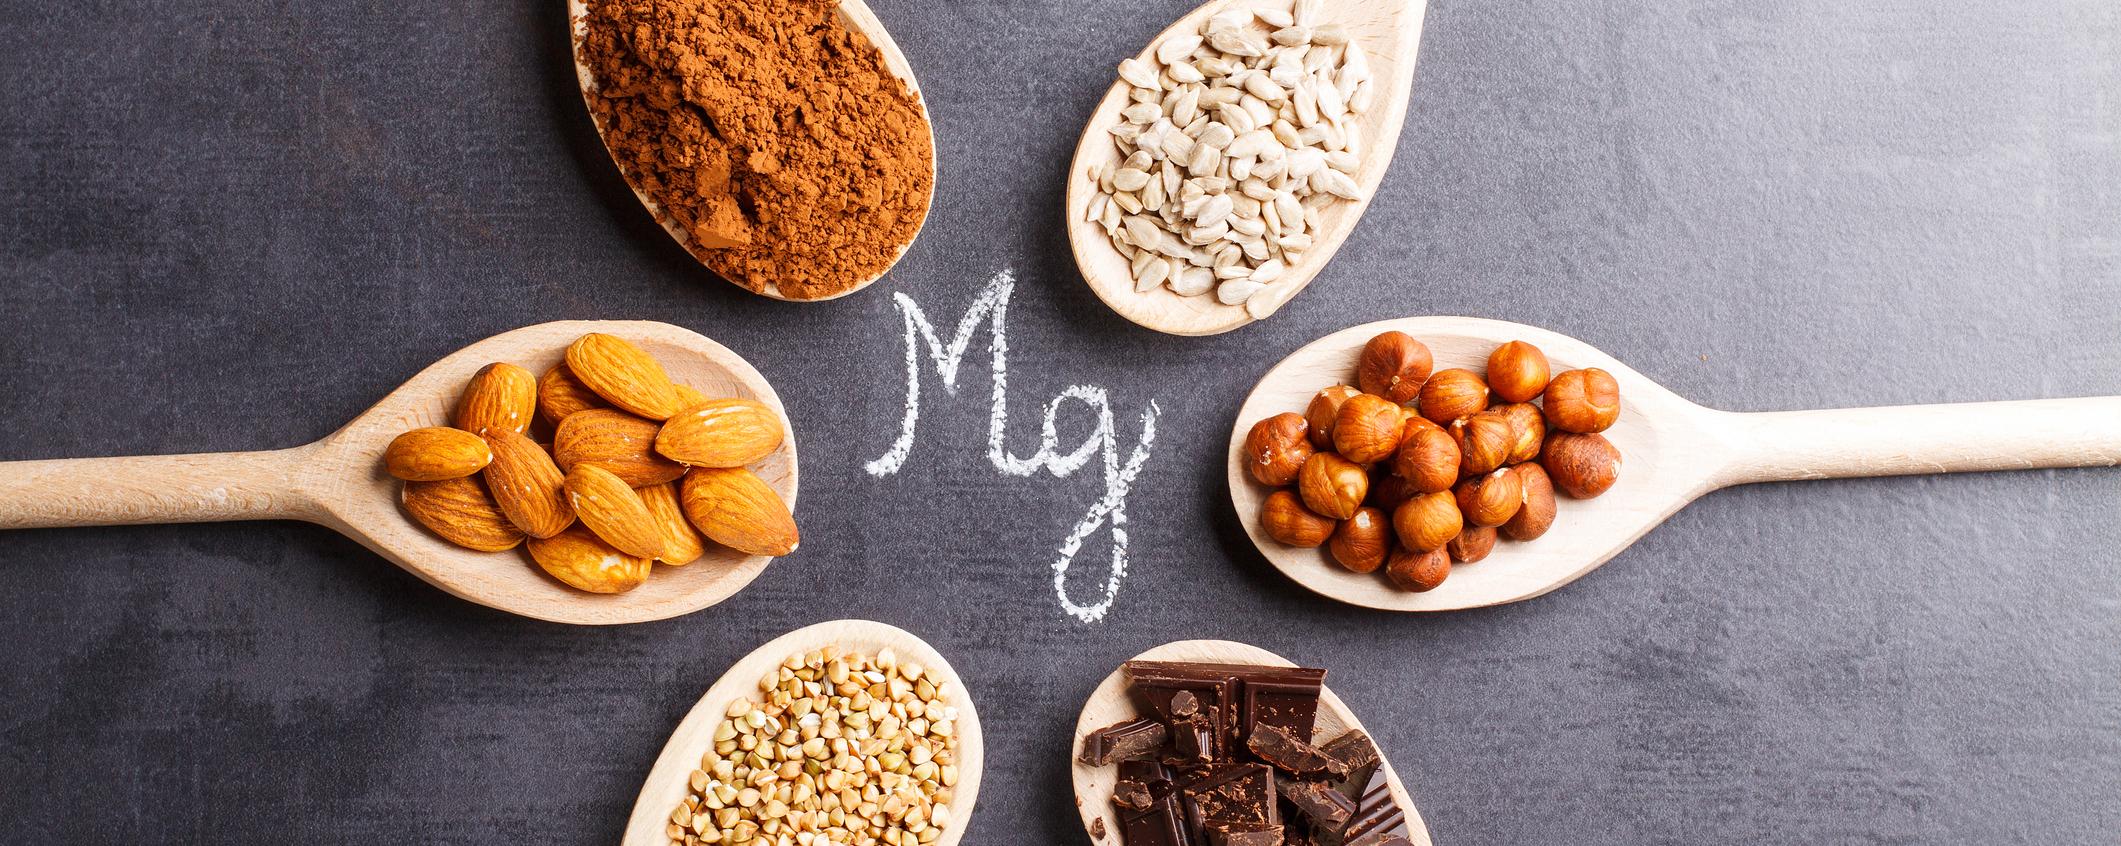 hur mycket magnesium kan man ta